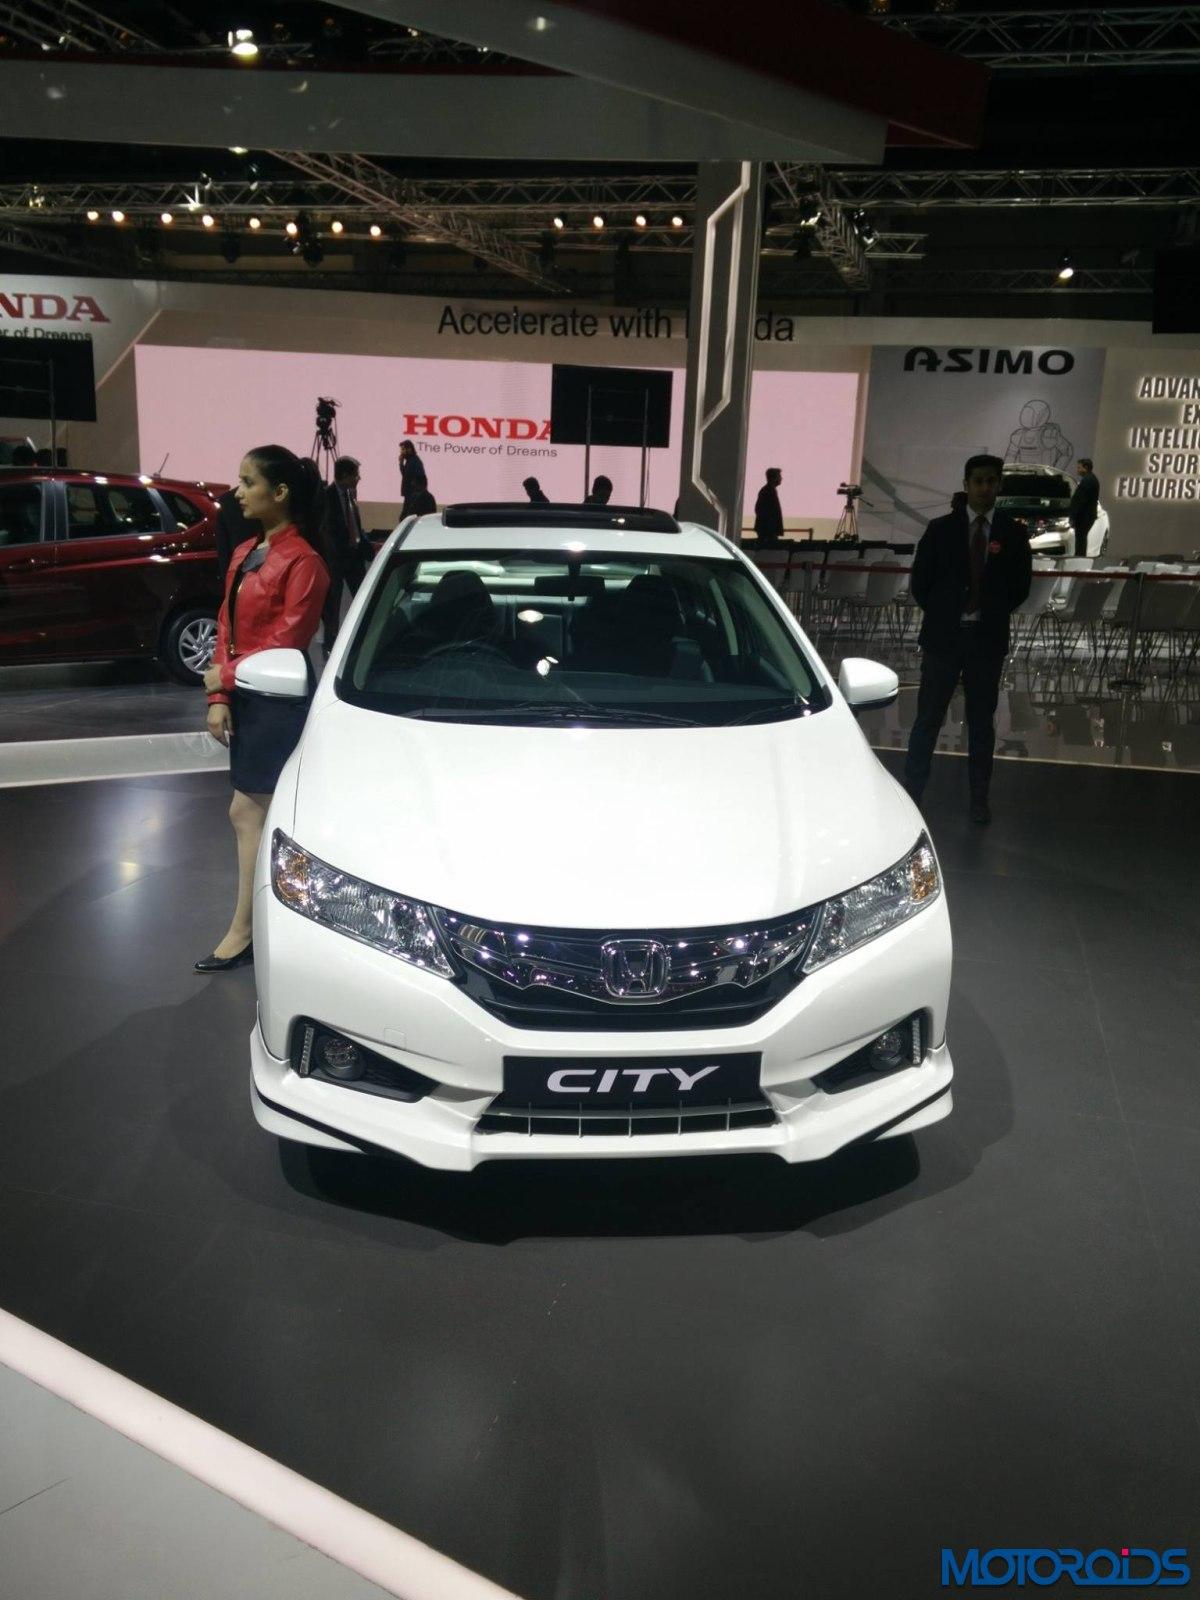 Honda City Body kit Auto Expo 2016 (4)